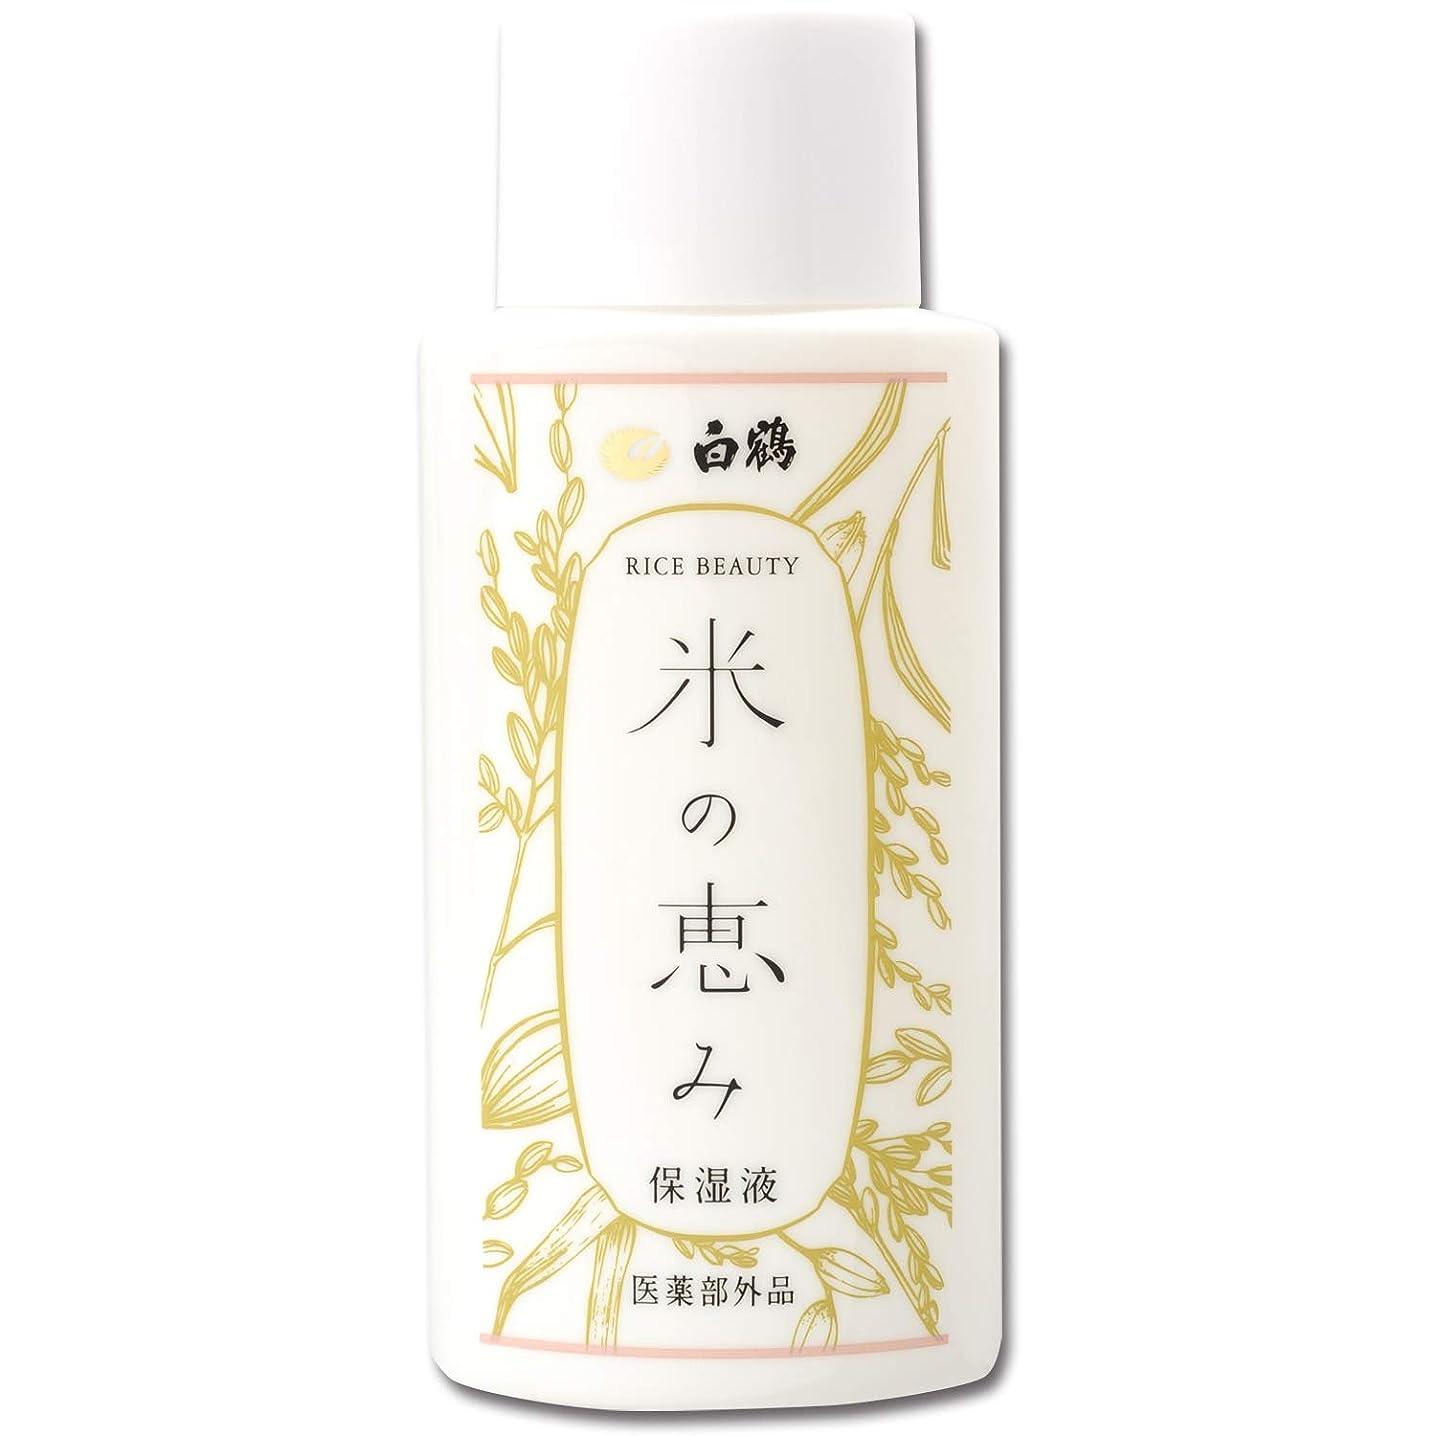 アクセス水素お誕生日白鶴 ライスビューティー 米の恵み 保湿液 150ml(高保湿とろみ化粧水/医薬部外品)